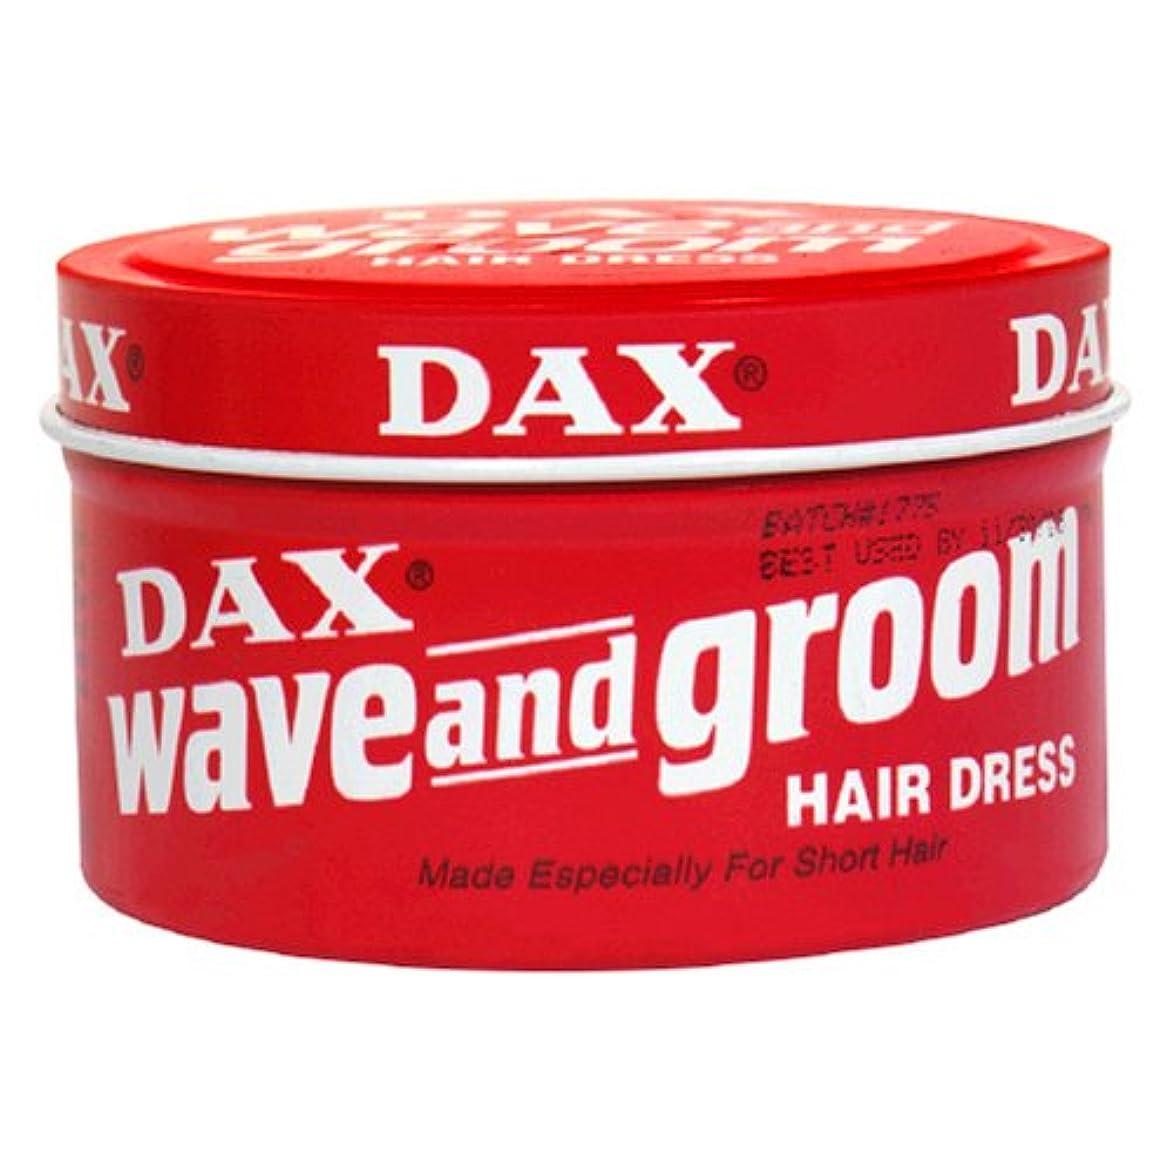 立場歴史家問い合わせDax Wave & Groom Hair Dress 99 gm Jar (Case of 6) (並行輸入品)